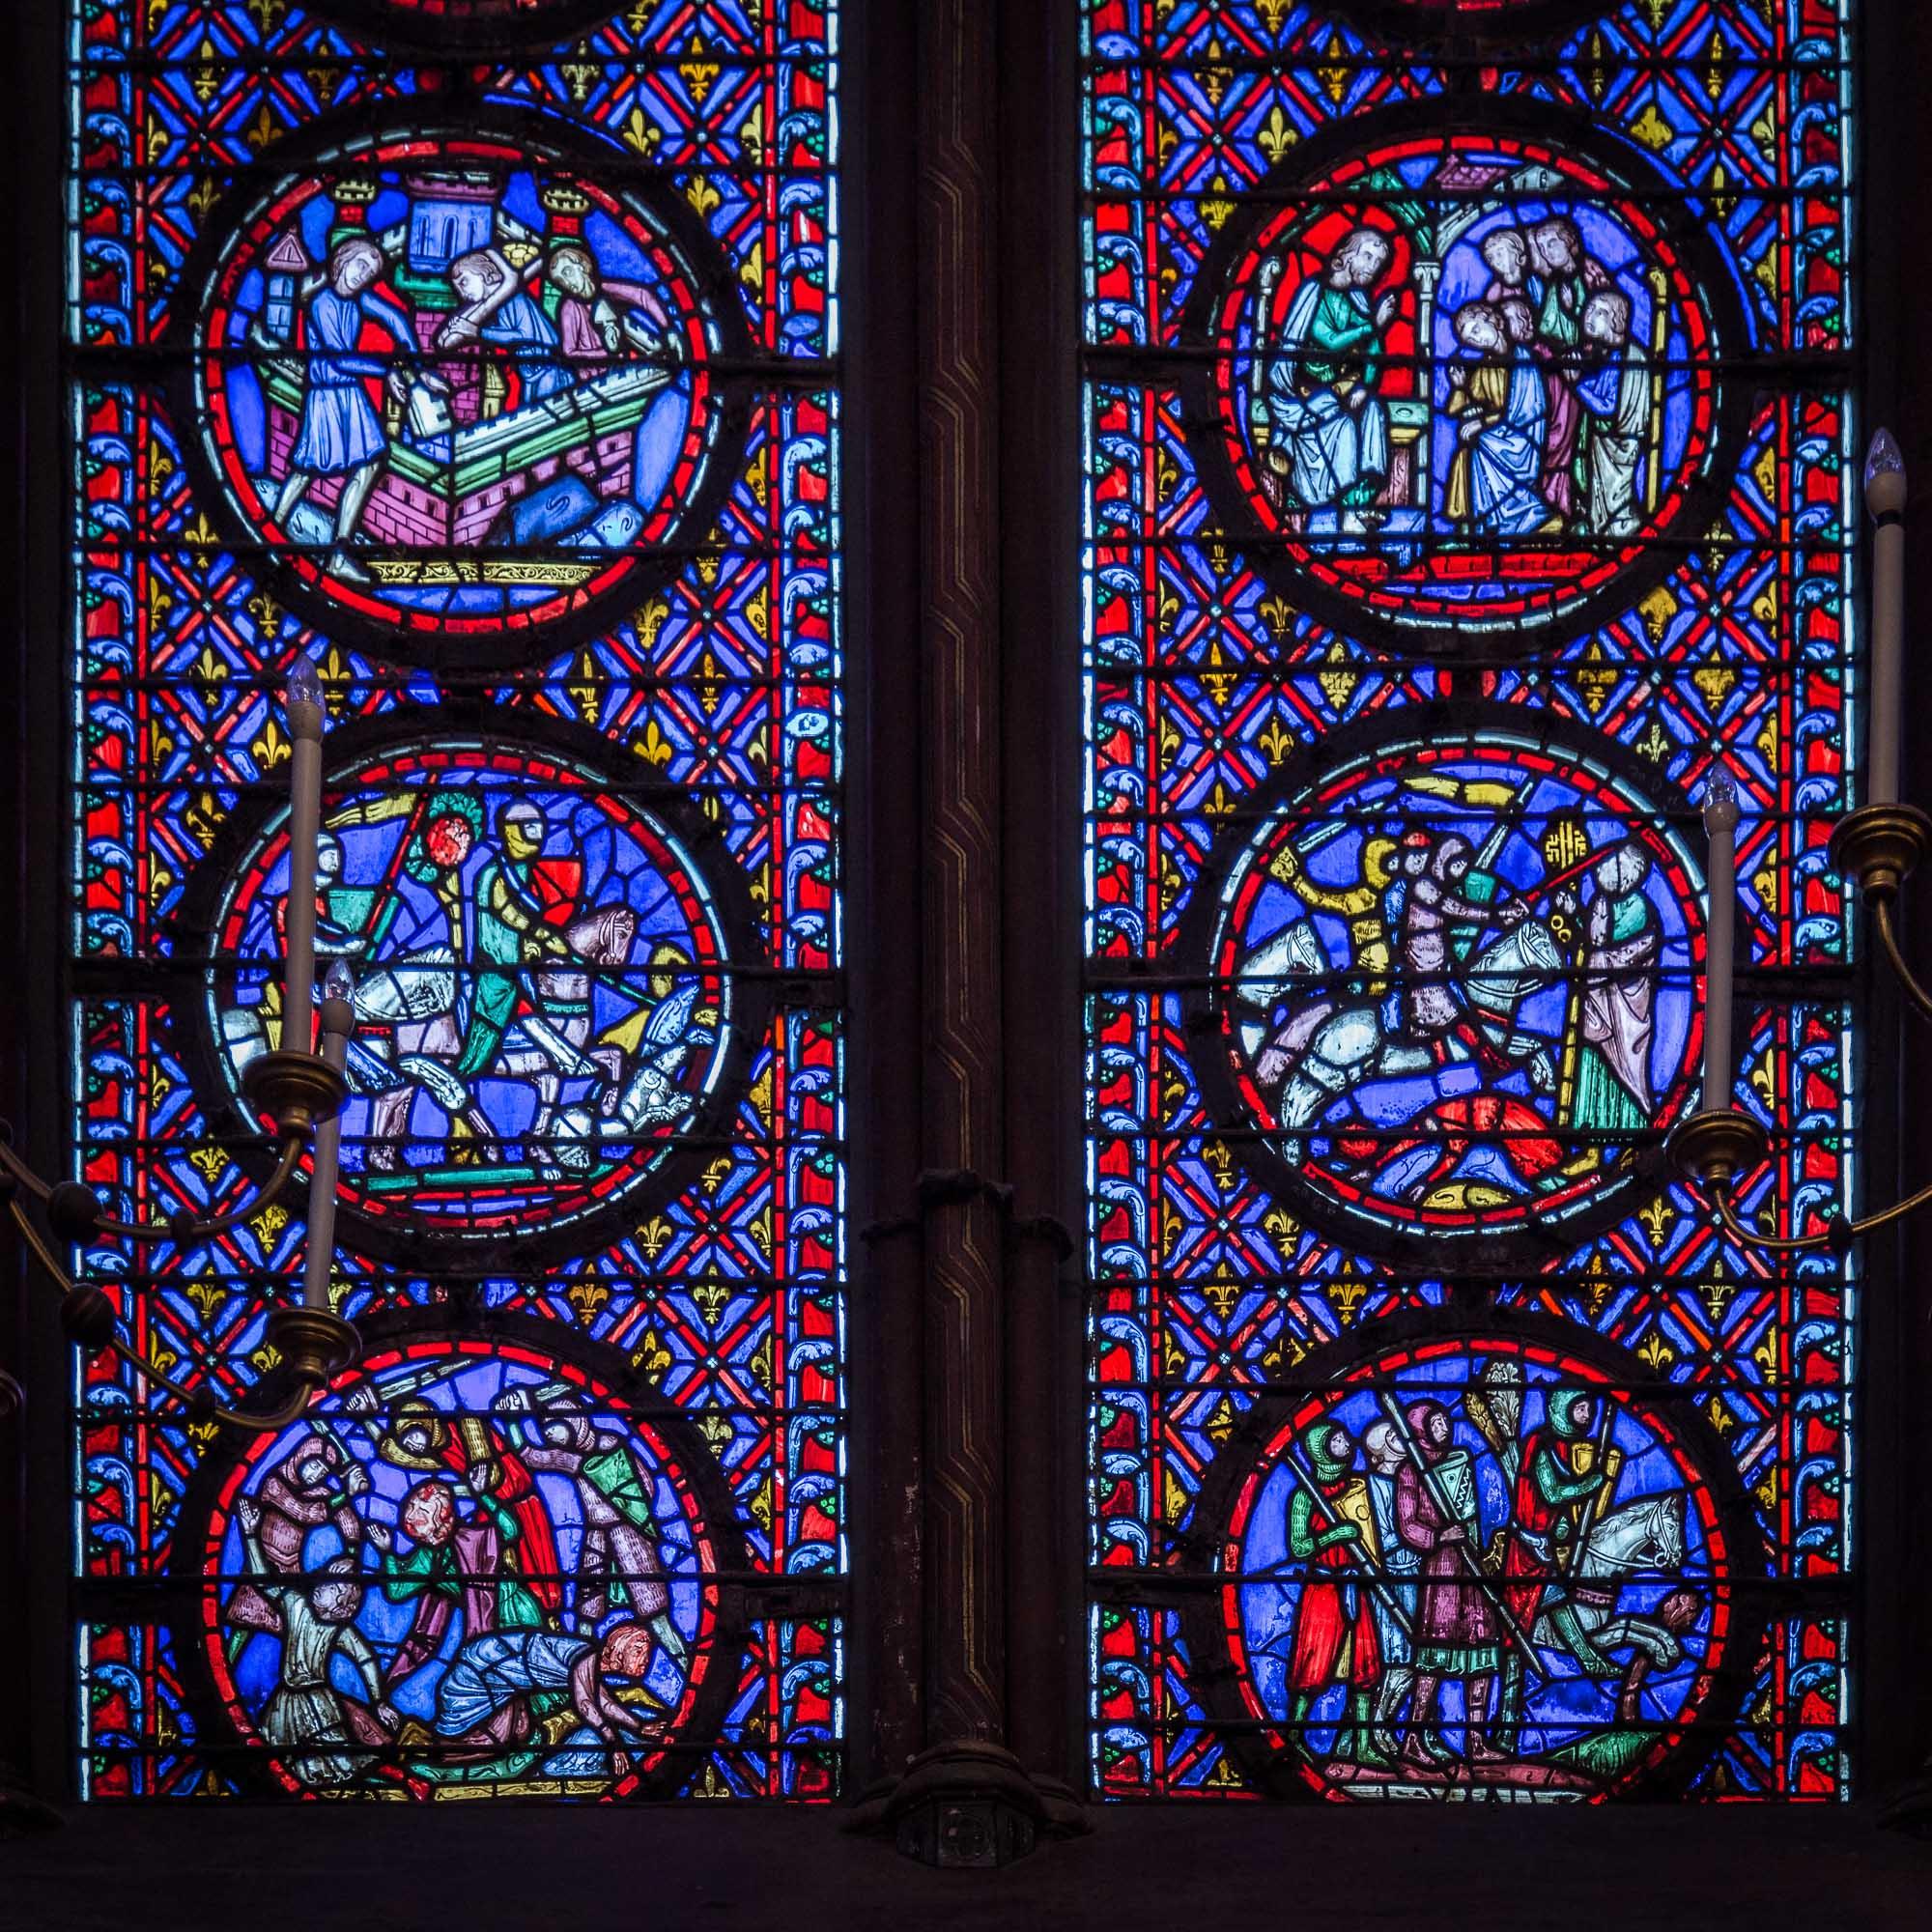 Arquitectura y vidrieras París - Estudio GALLARDO Fotografía